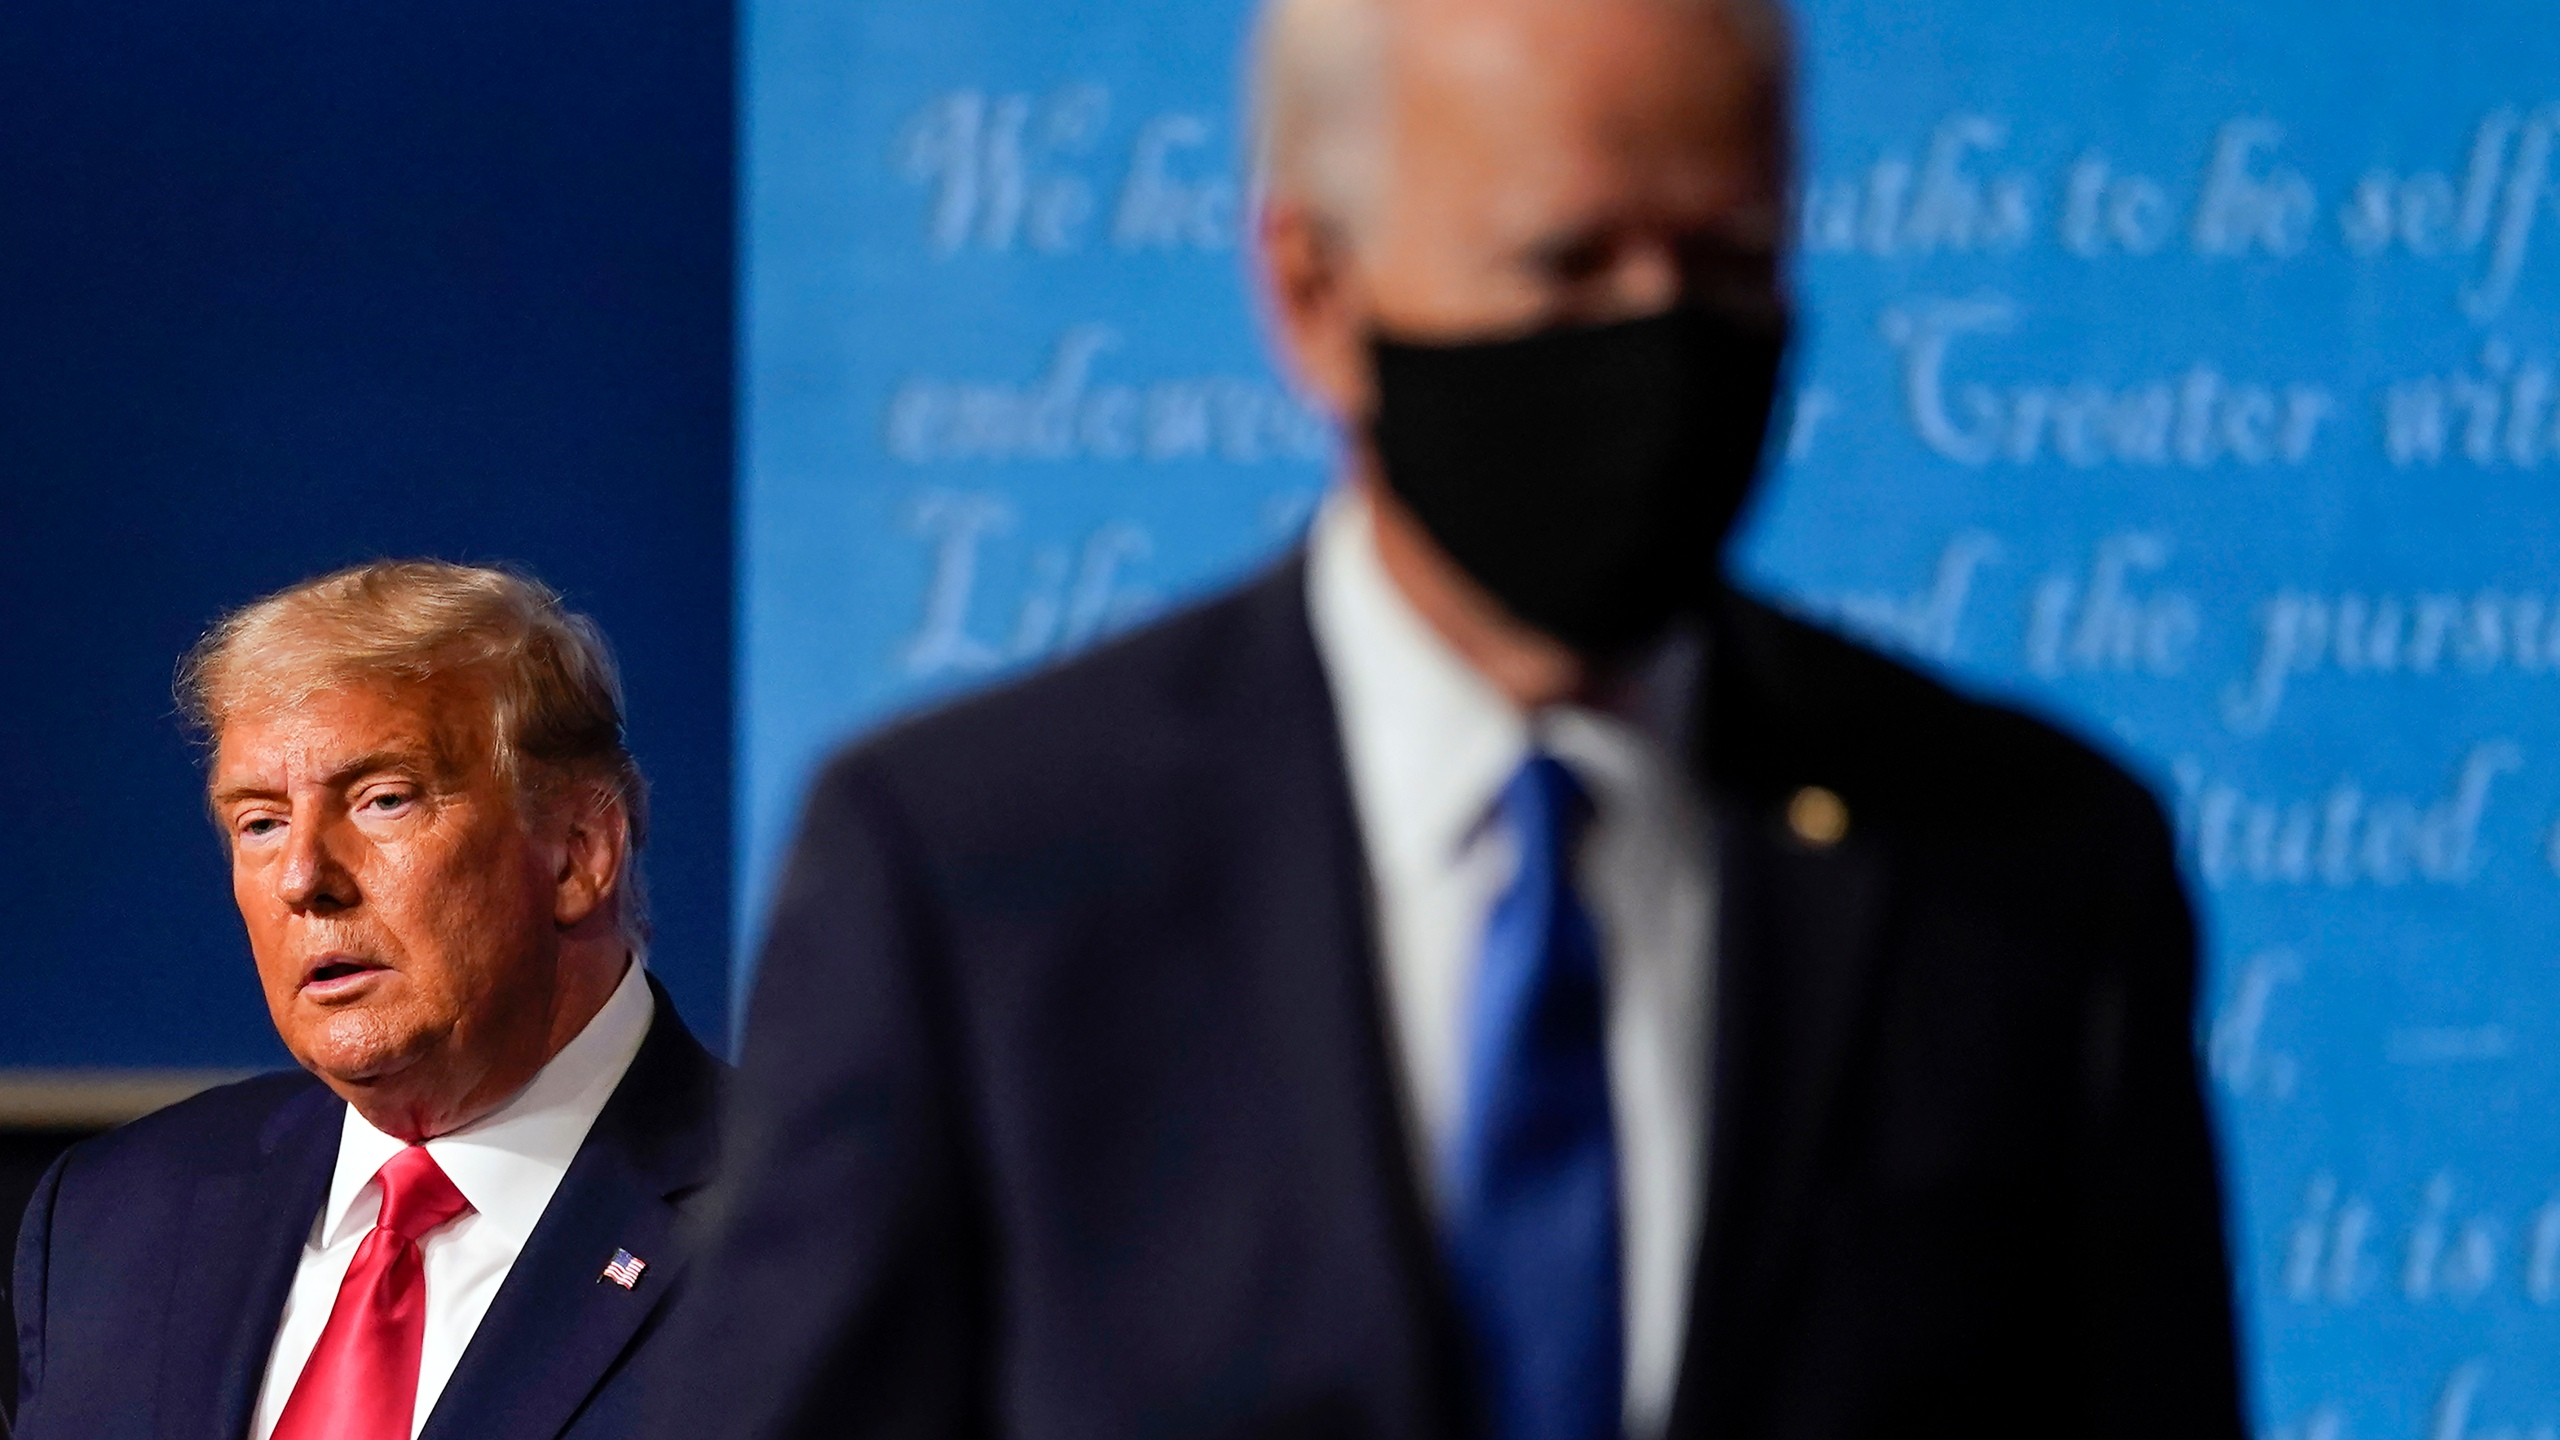 Melania Trump, Donald Trump, Joe Biden